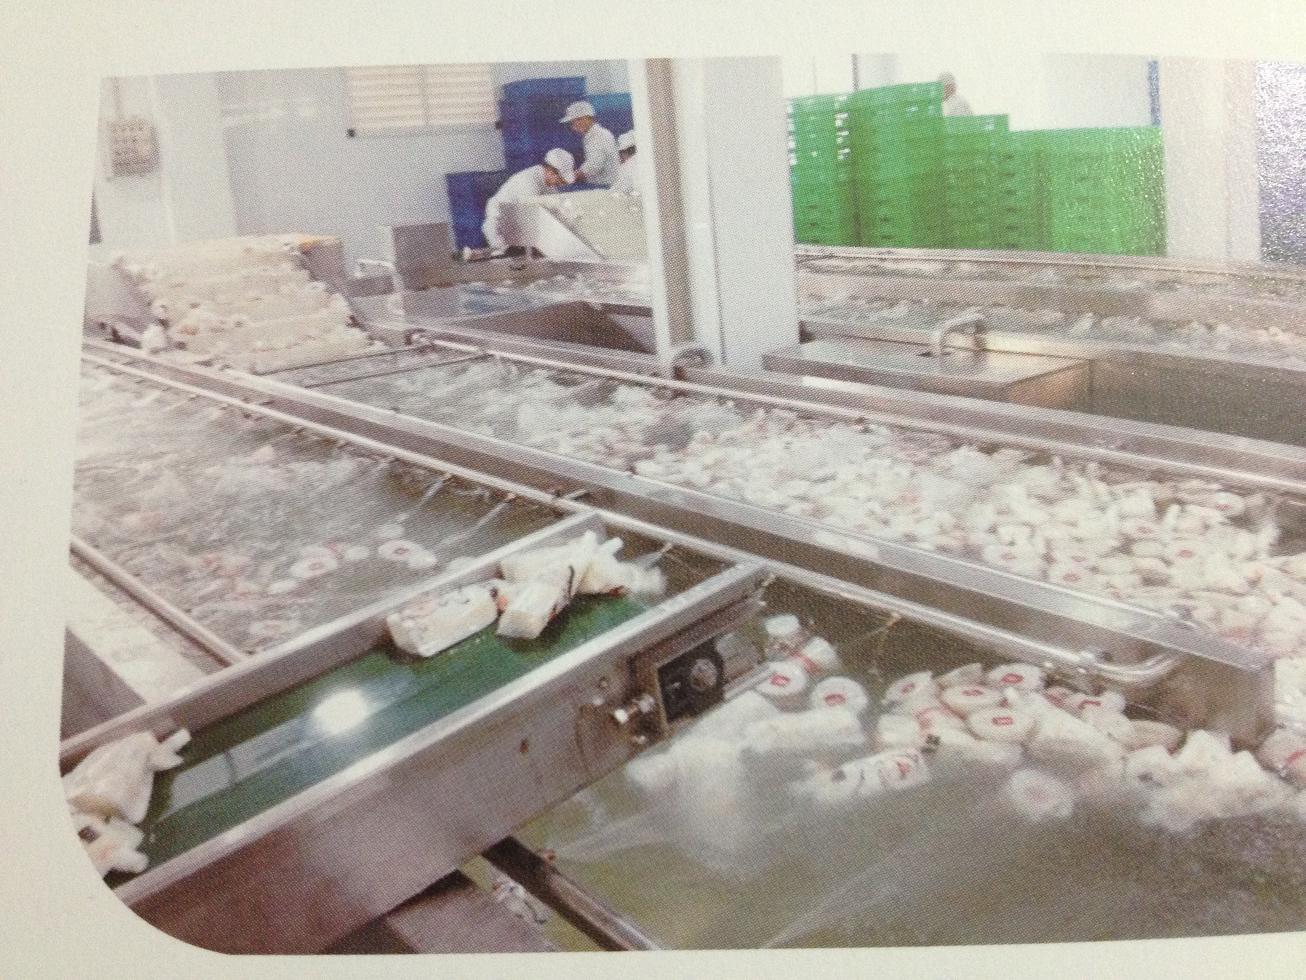 北京产品lqx-2大型益友冷却却线_供应食品_北京市益友生产大豆色拉油的利润图片